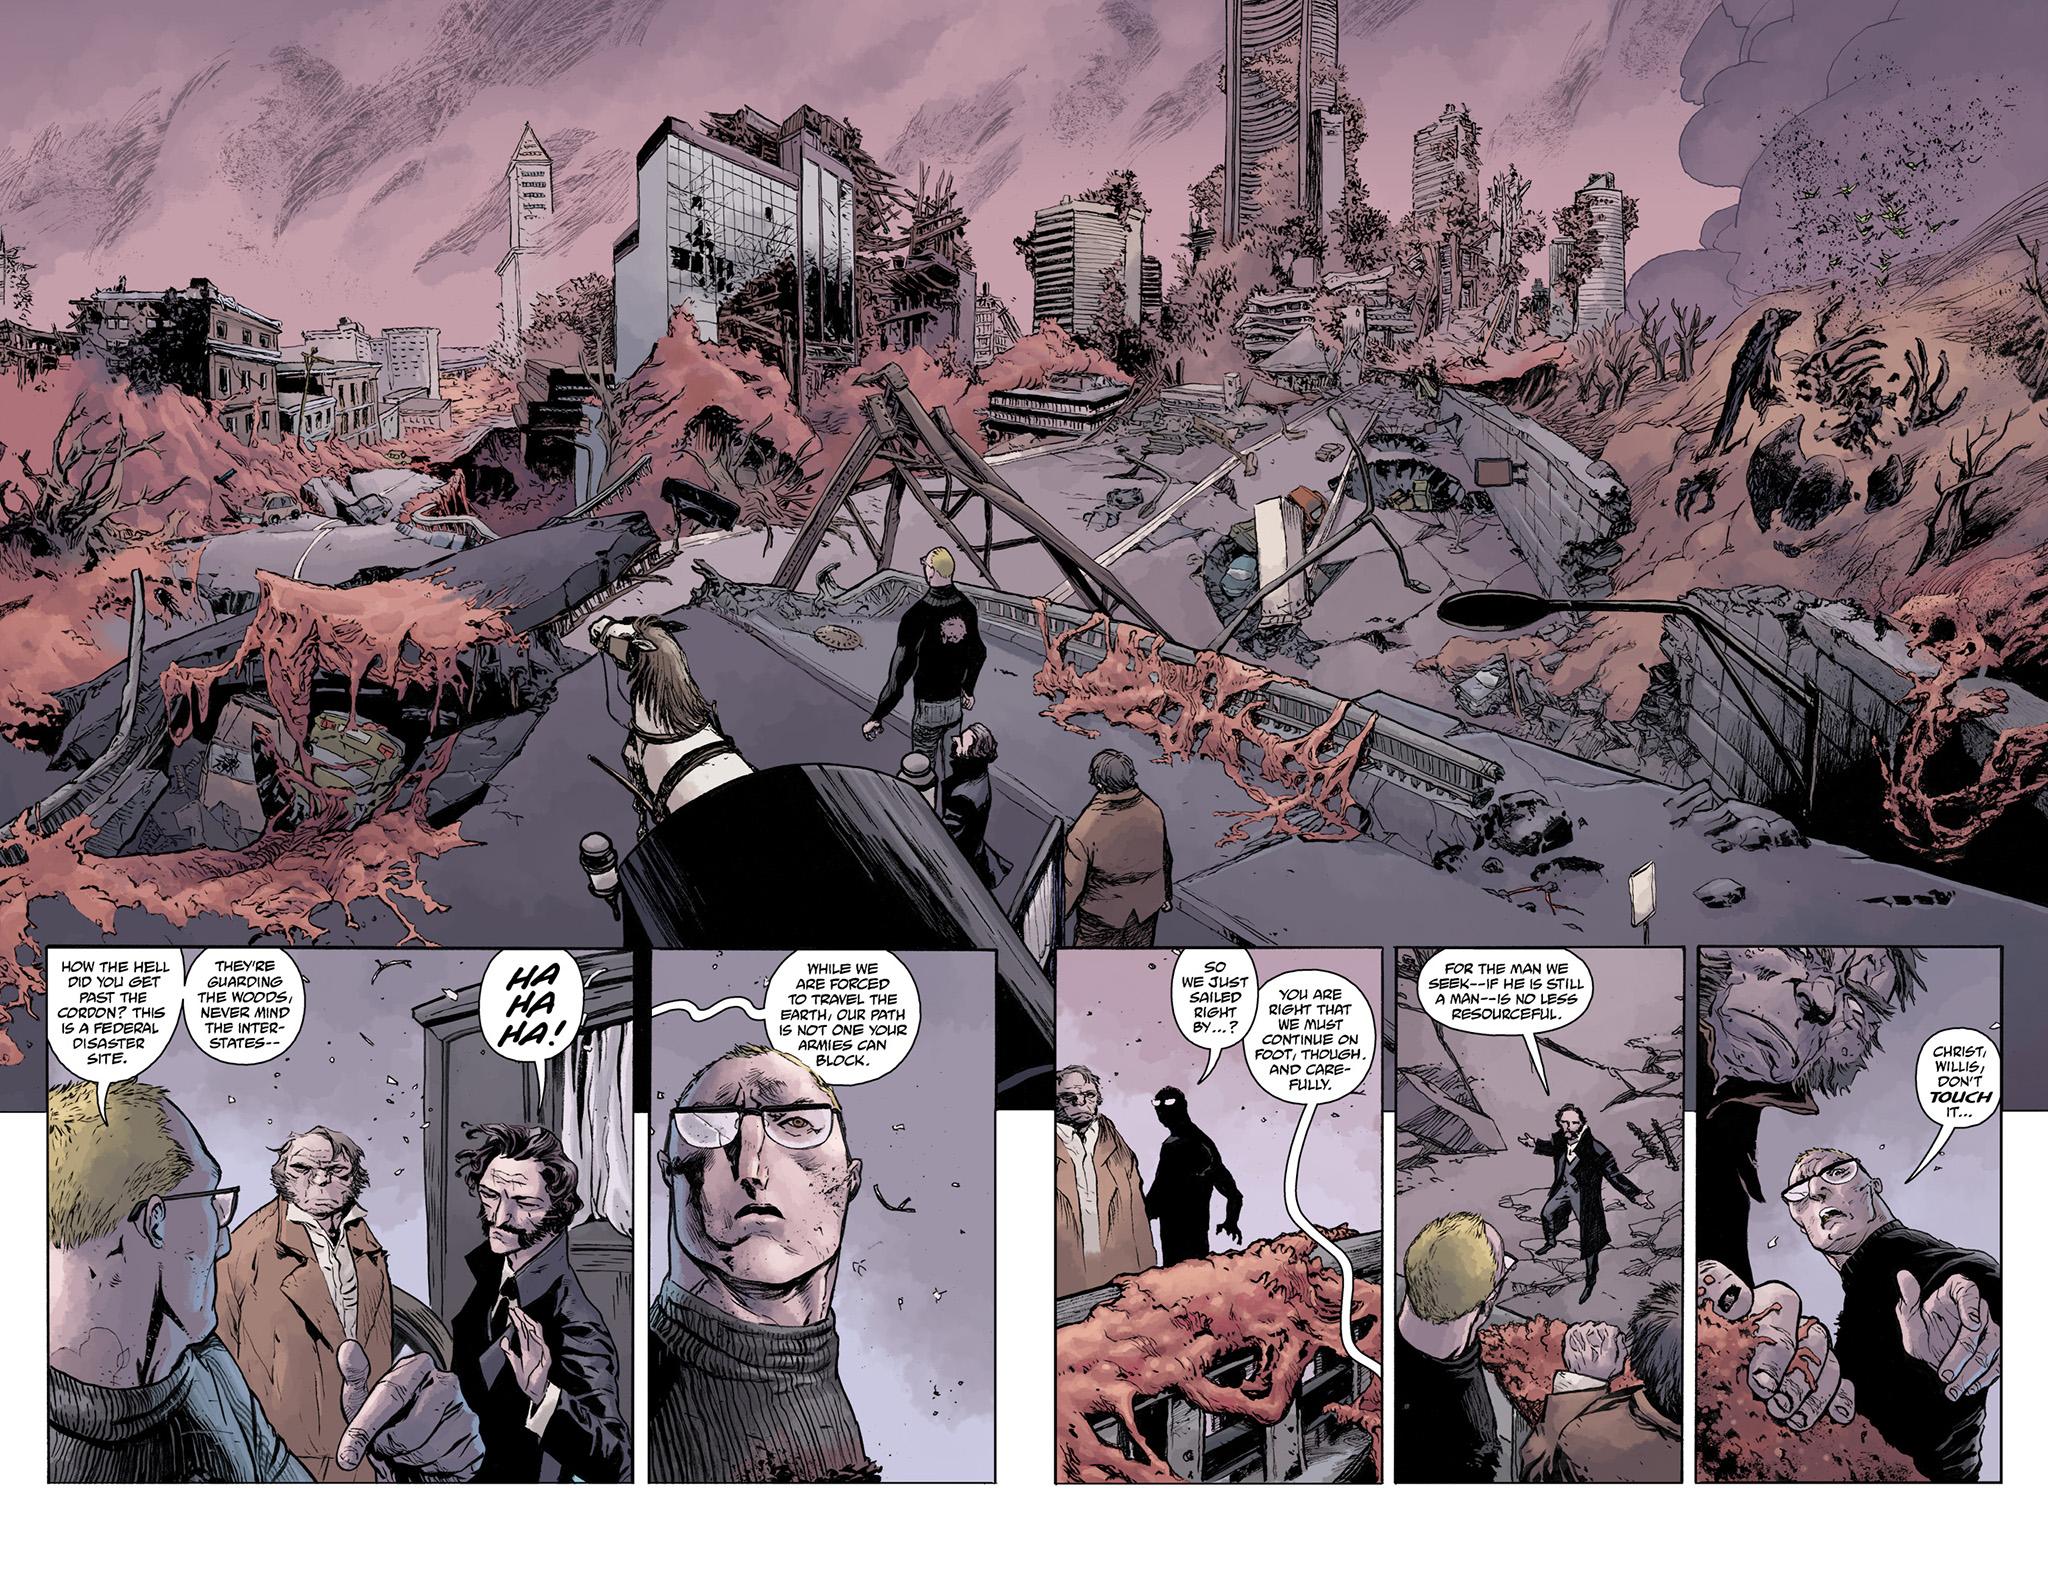 Read online Abe Sapien comic -  Issue #11 - 4